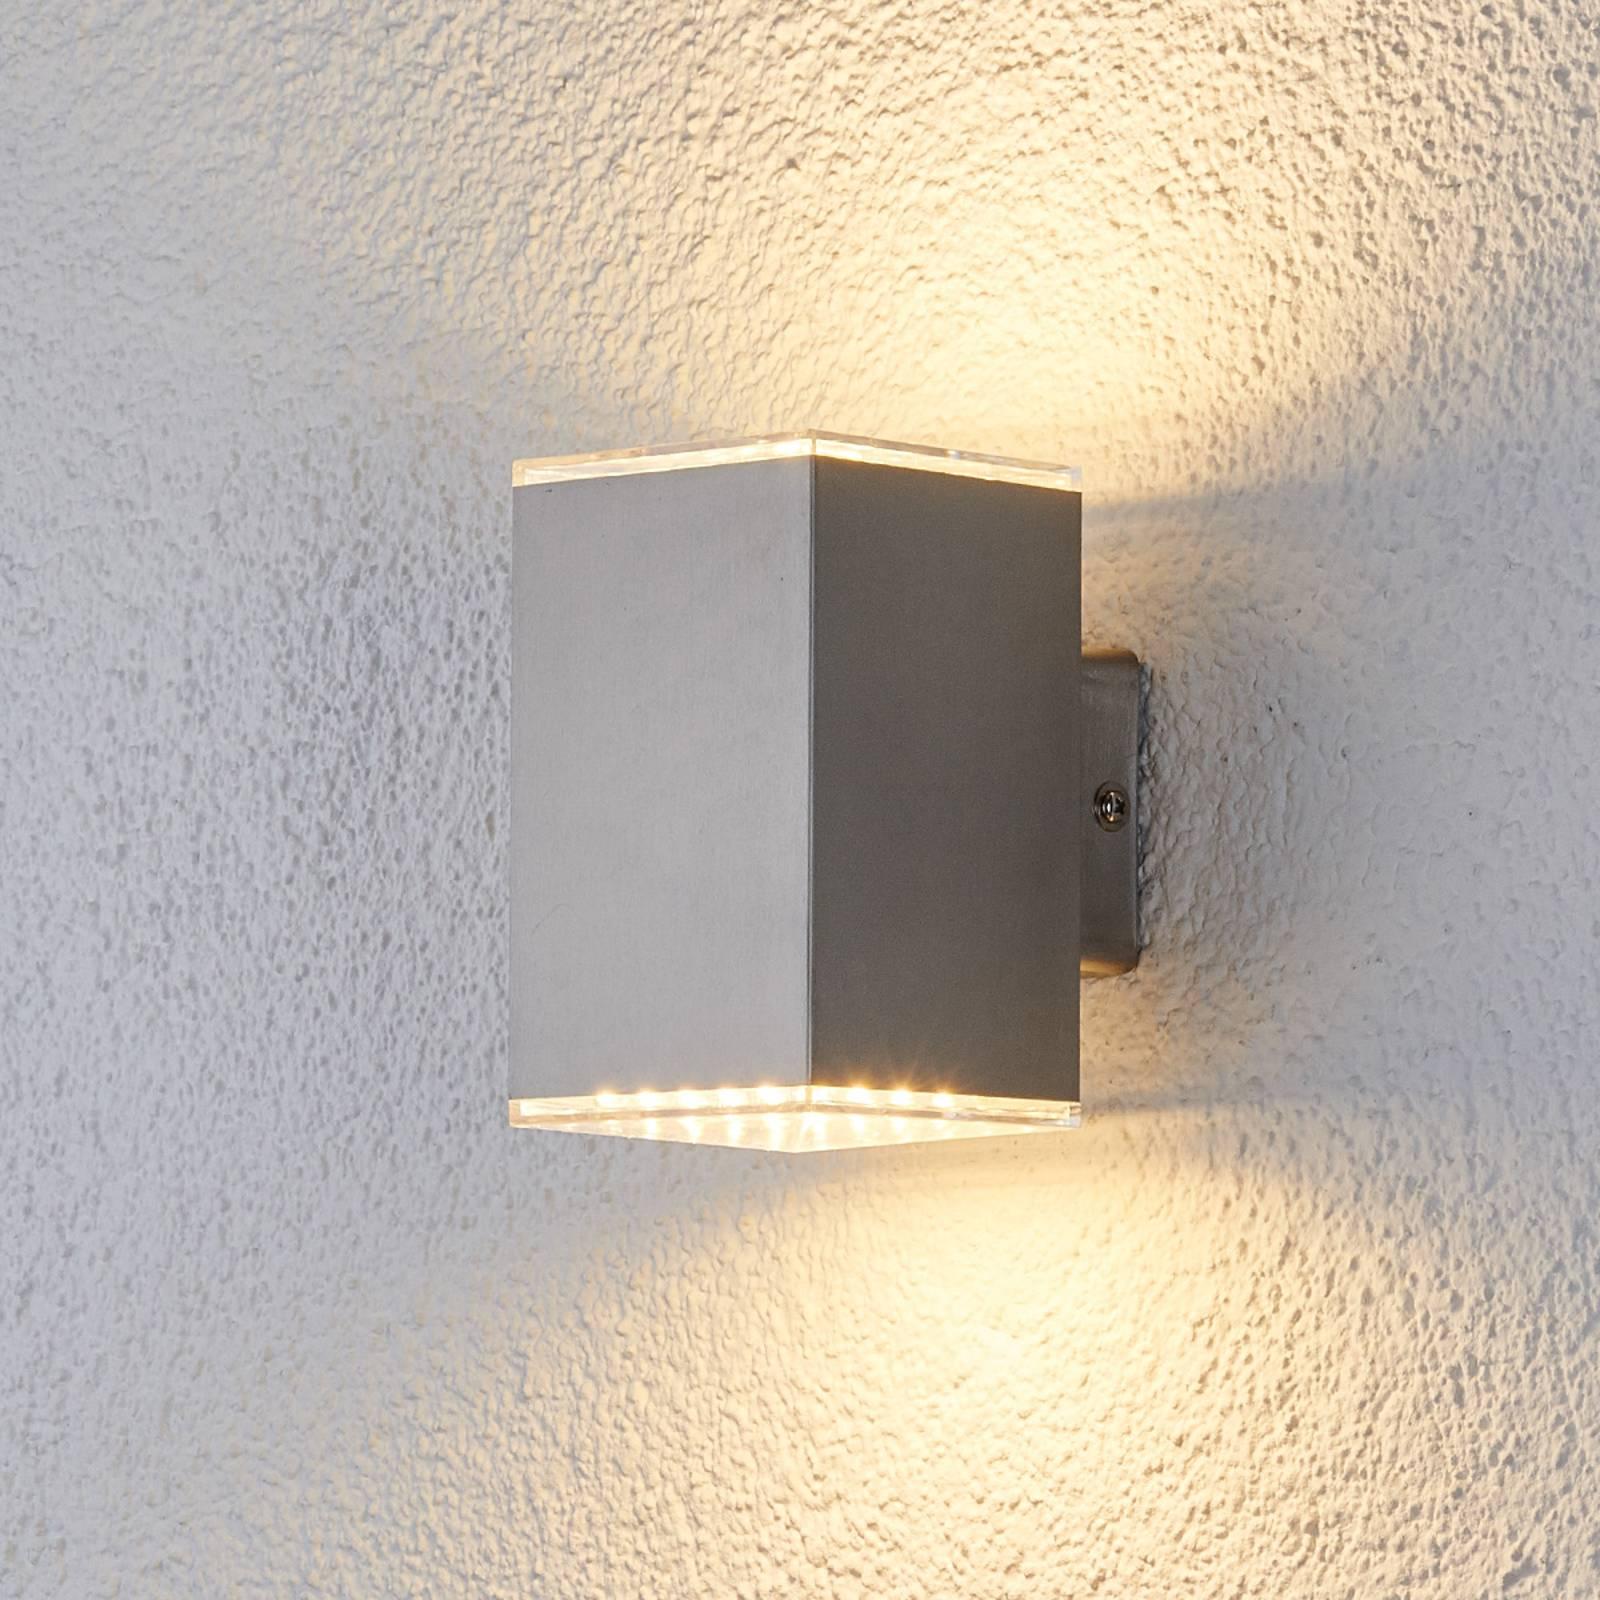 Kaksipuolisesti valaiseva LED-seinävalaisin Lydia